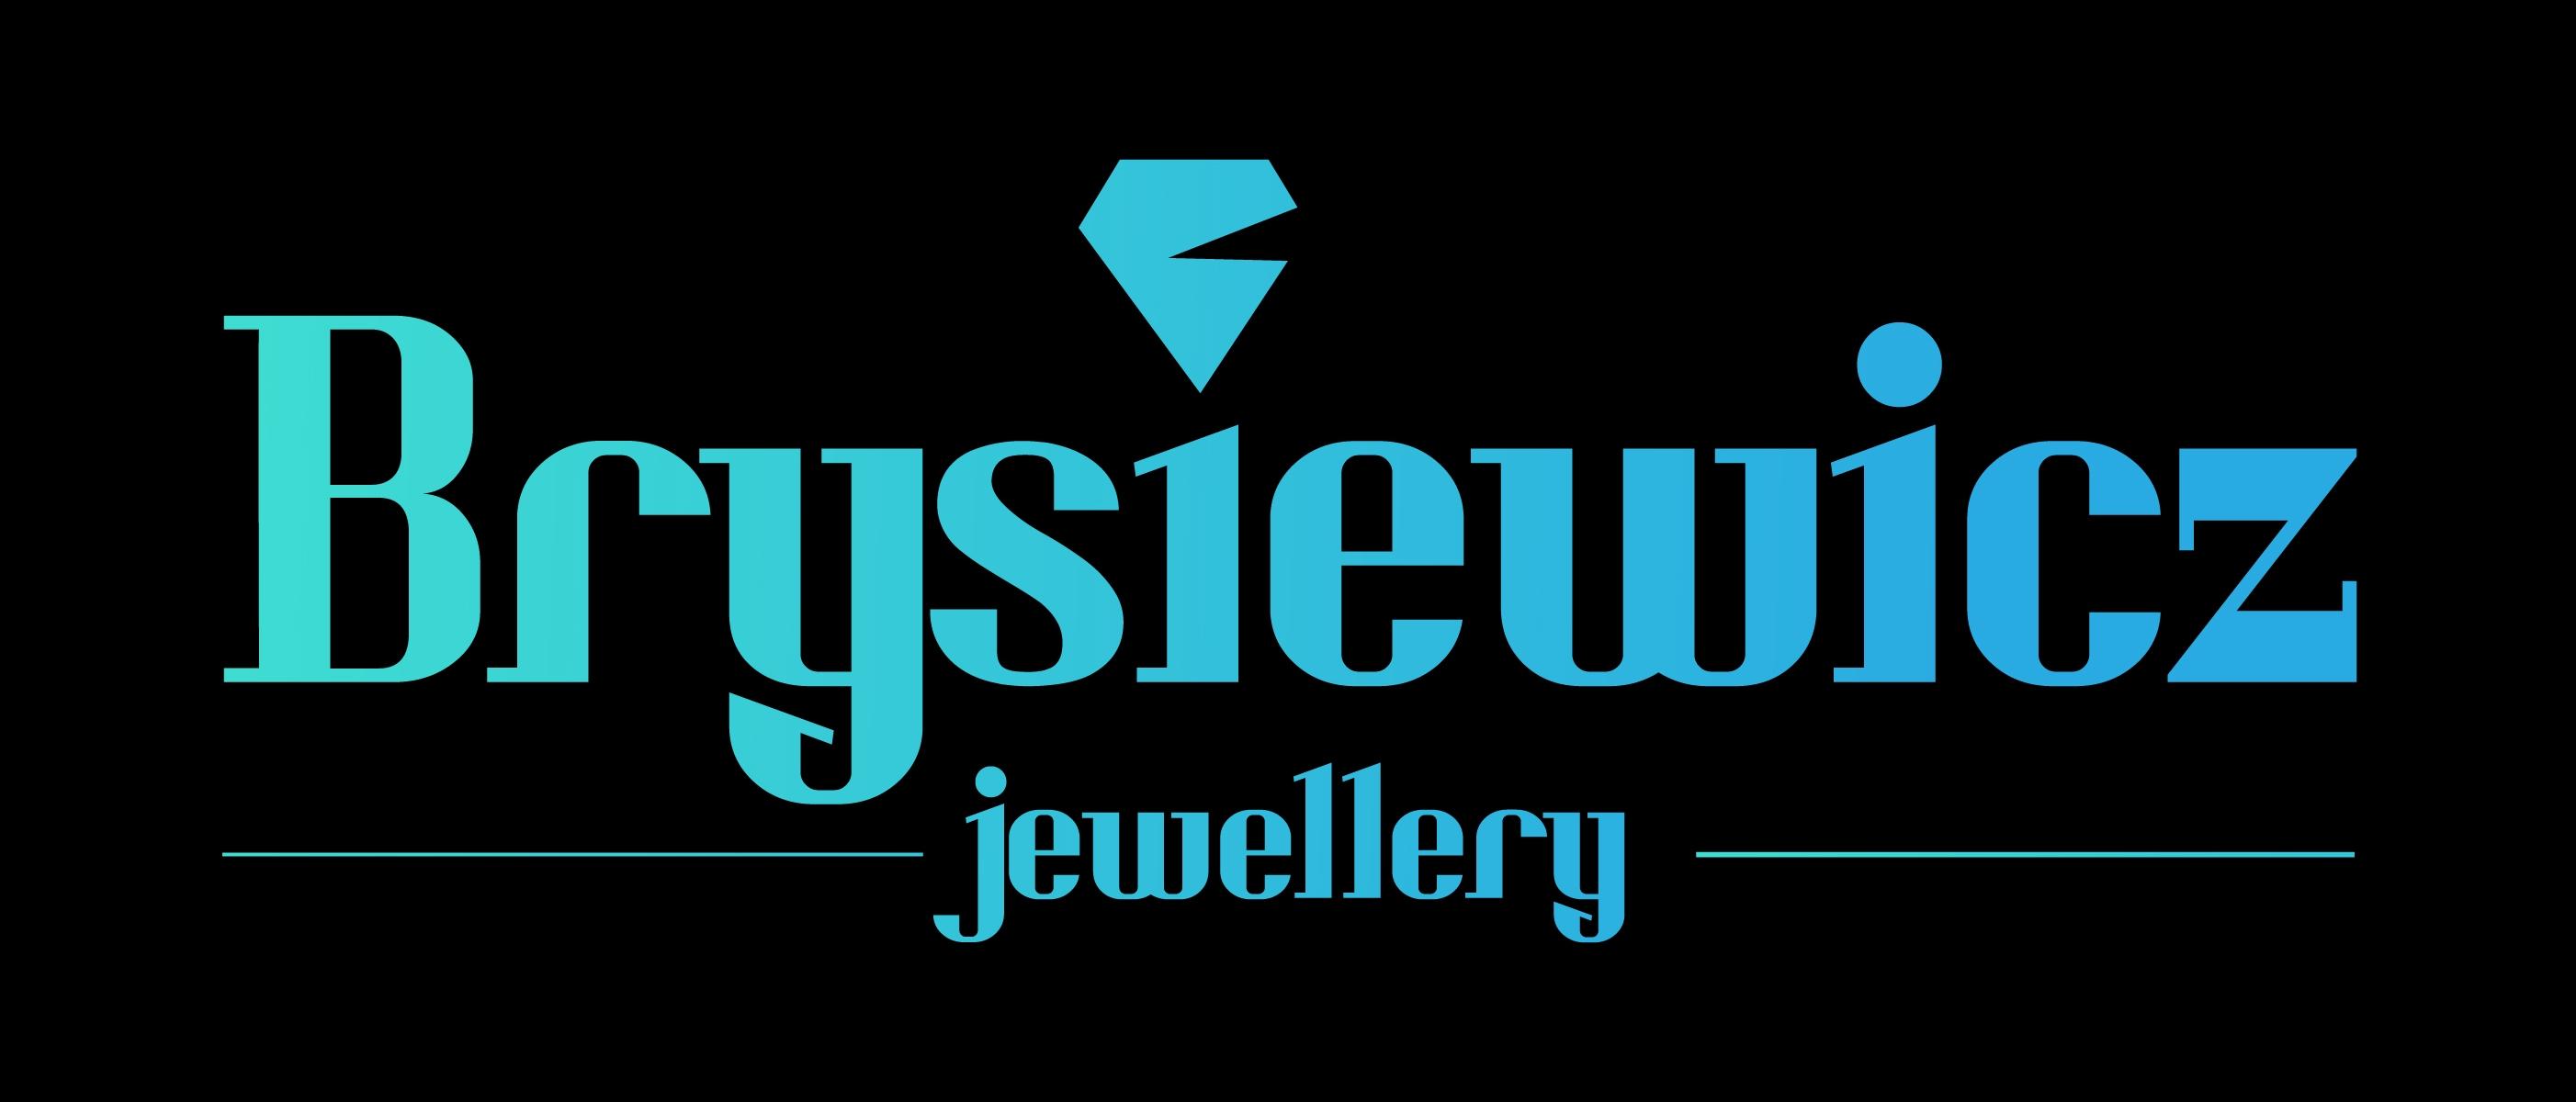 Brysiewicz Jewellery